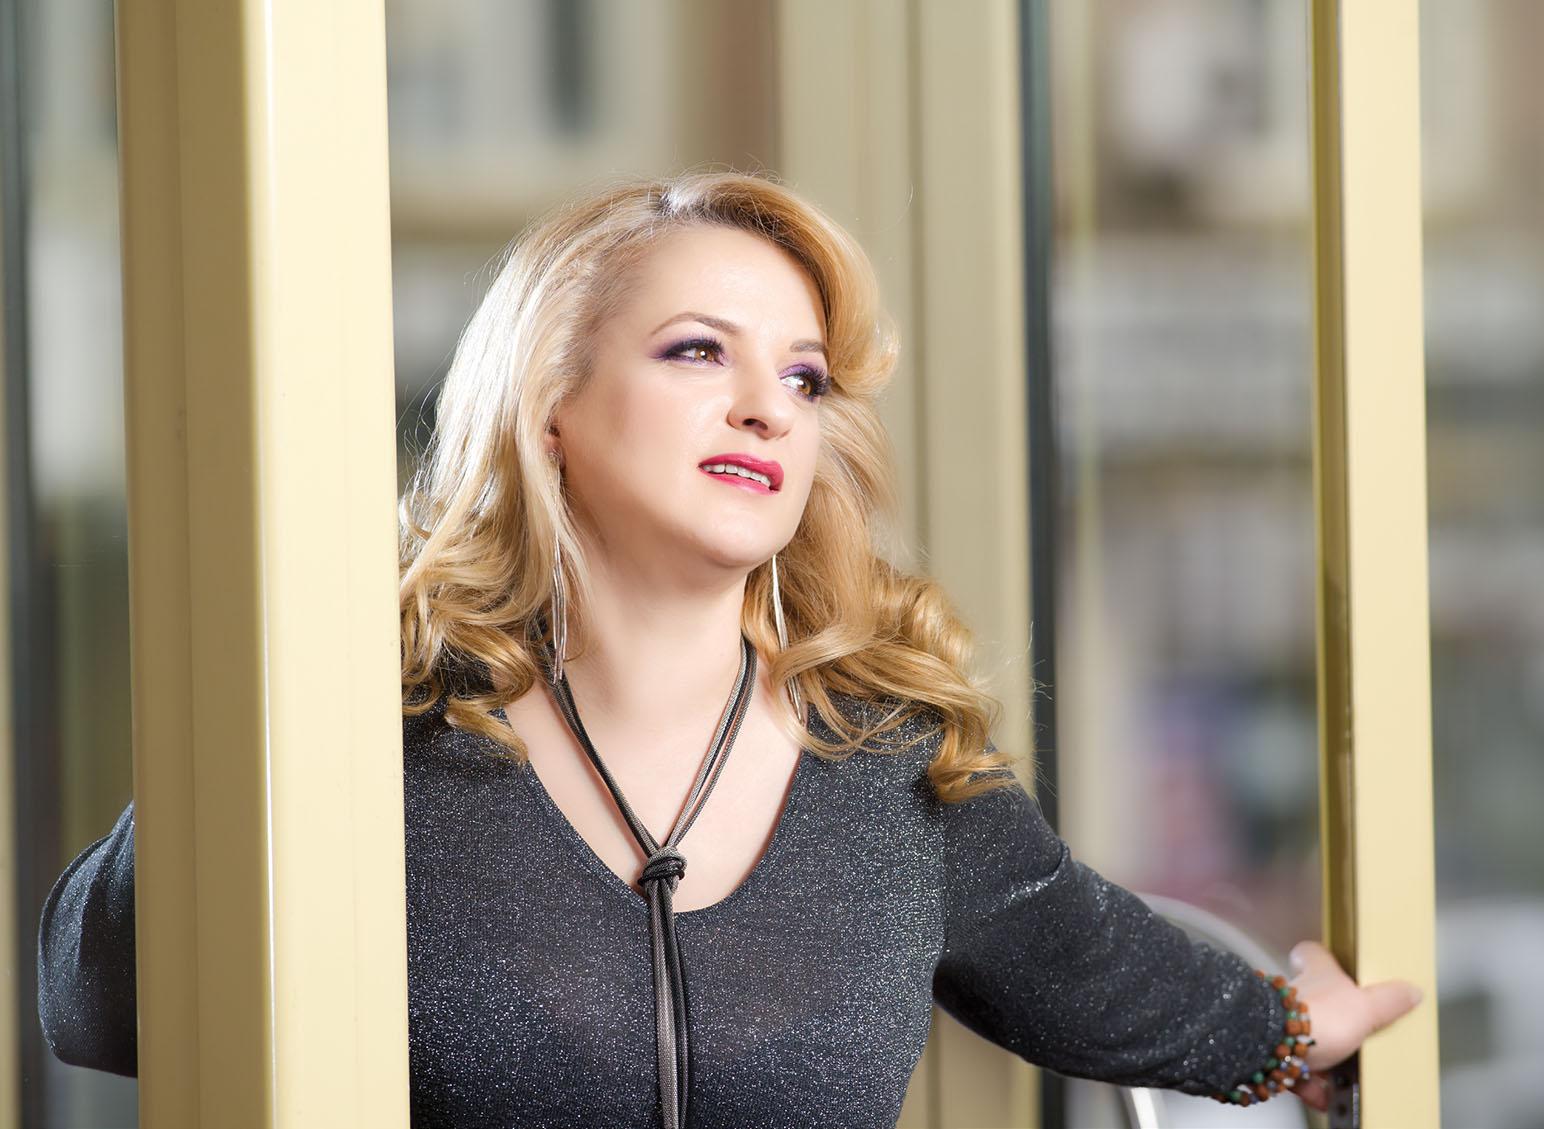 Lilana Levința interviu pentru revistatango.ro-Marea Dragoste, nr. 116, februarie 2016